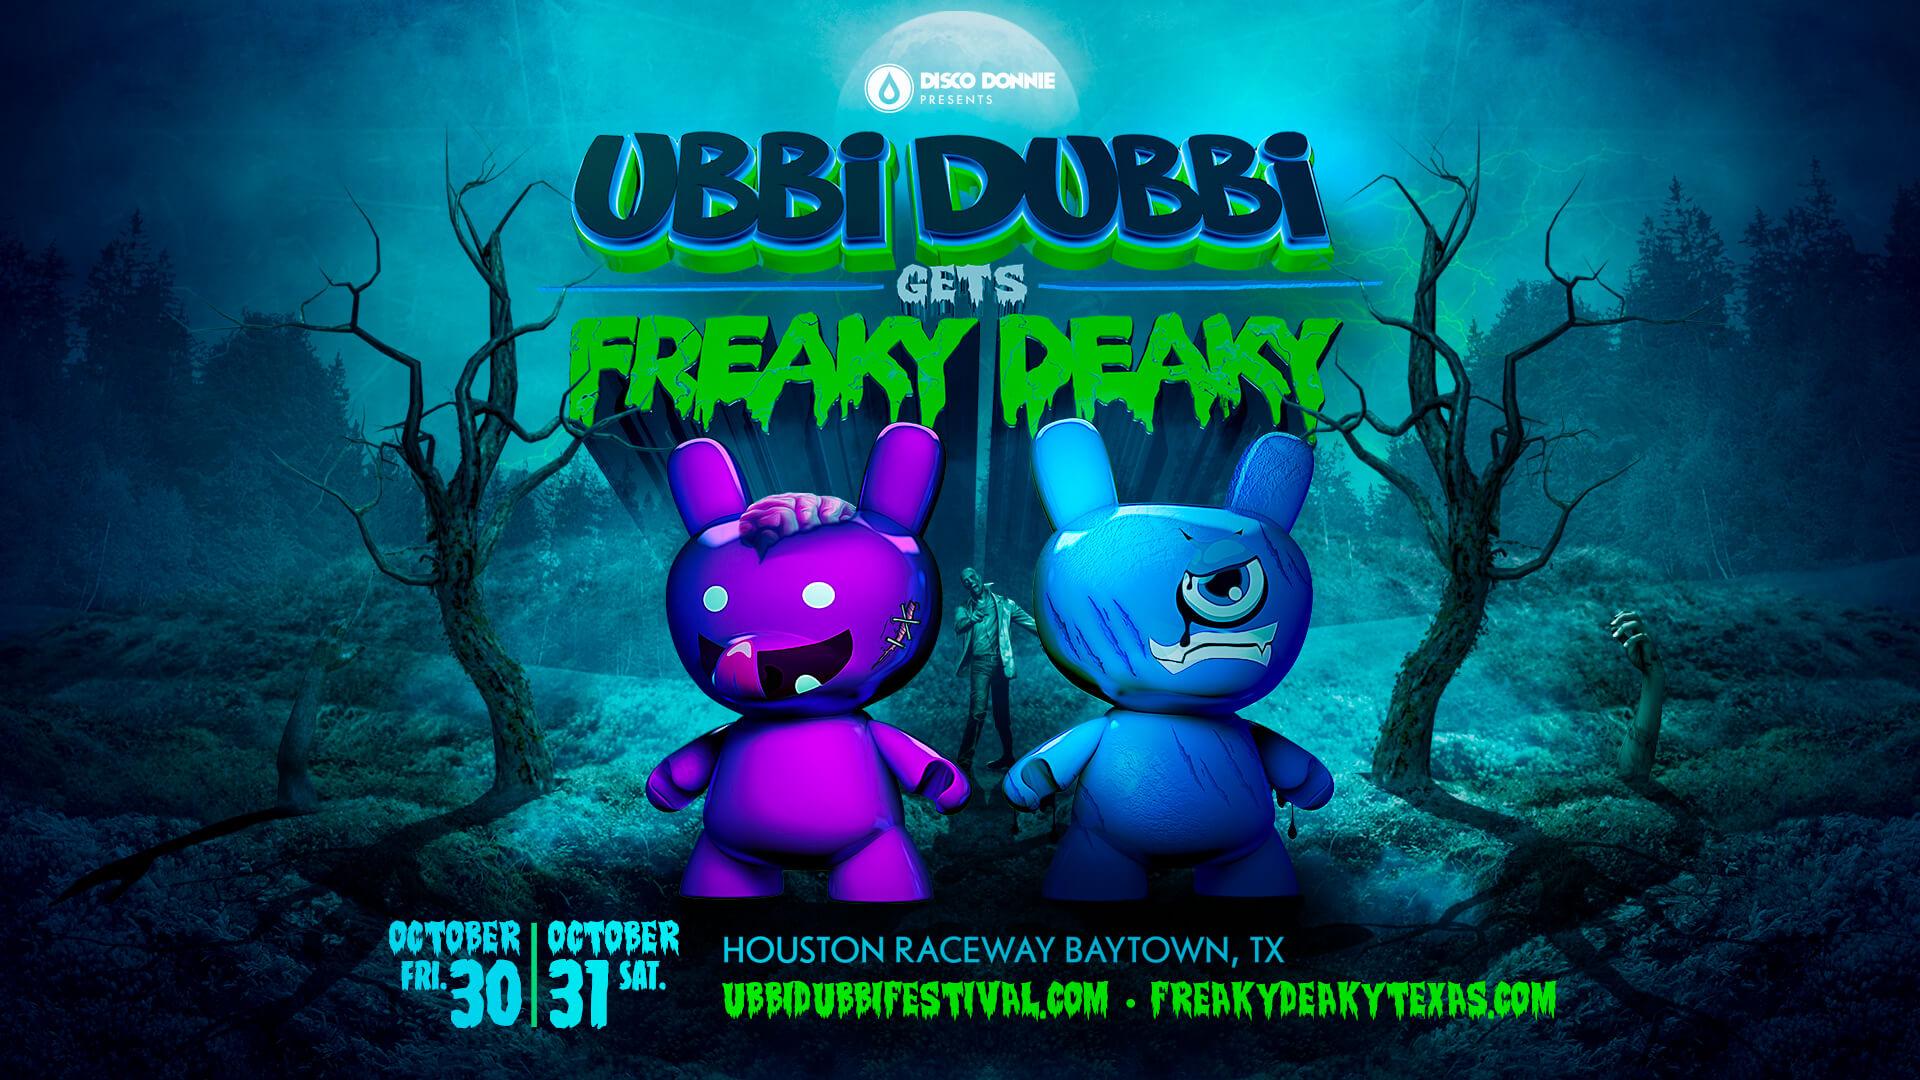 ubbi dubbi gets freaky deaky